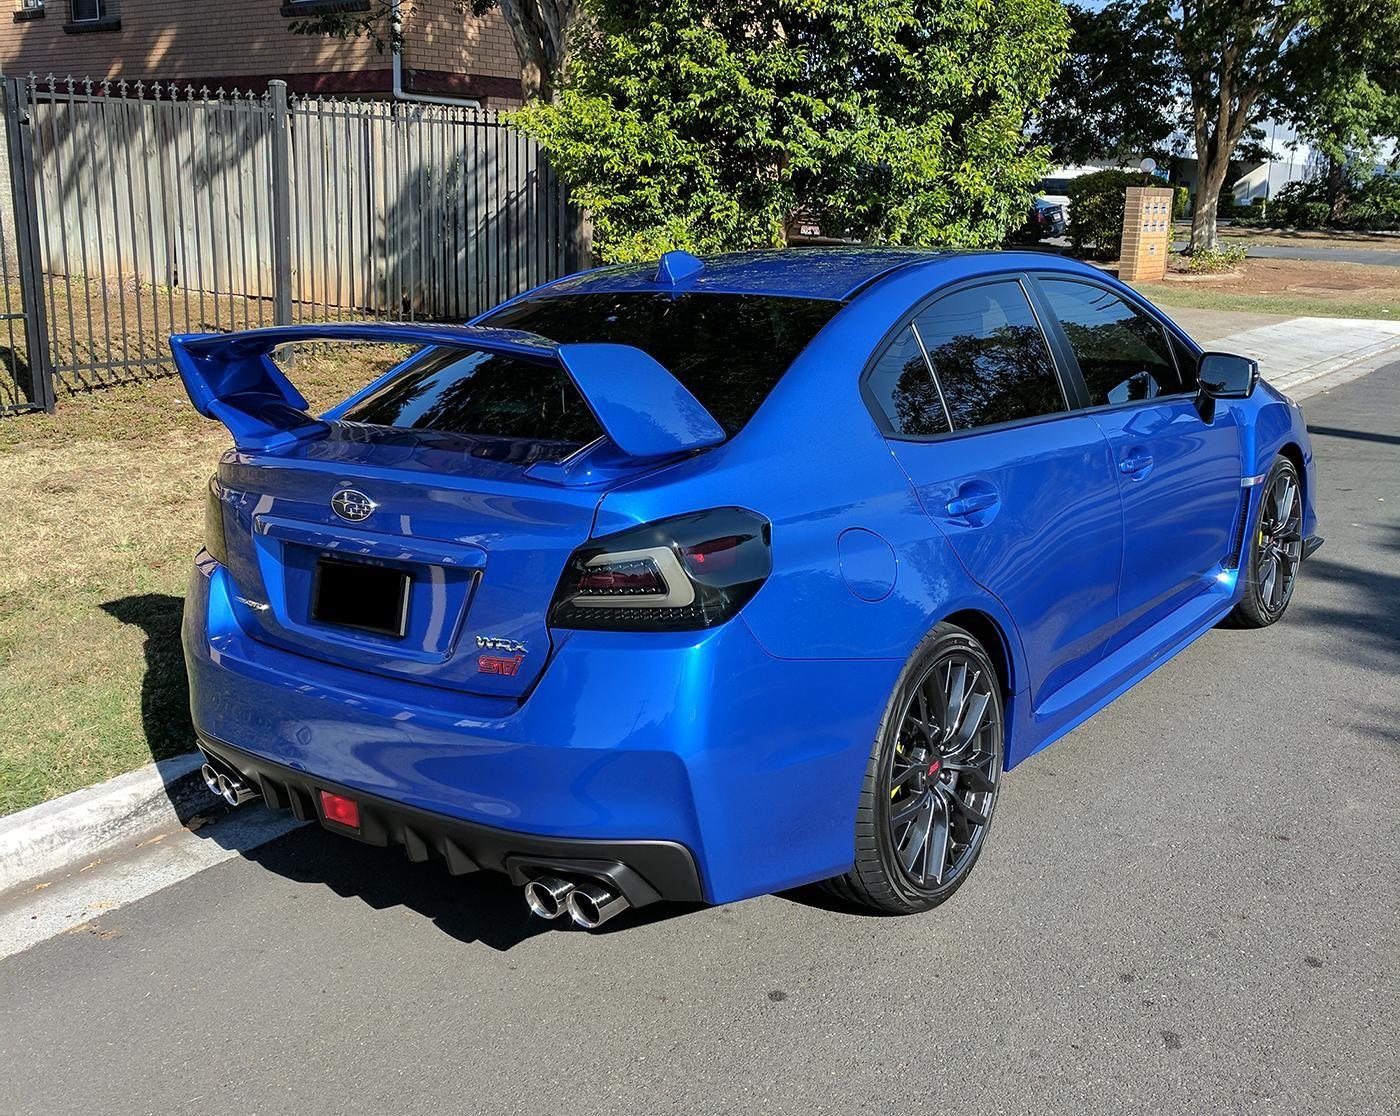 Wrx Subaru Sti